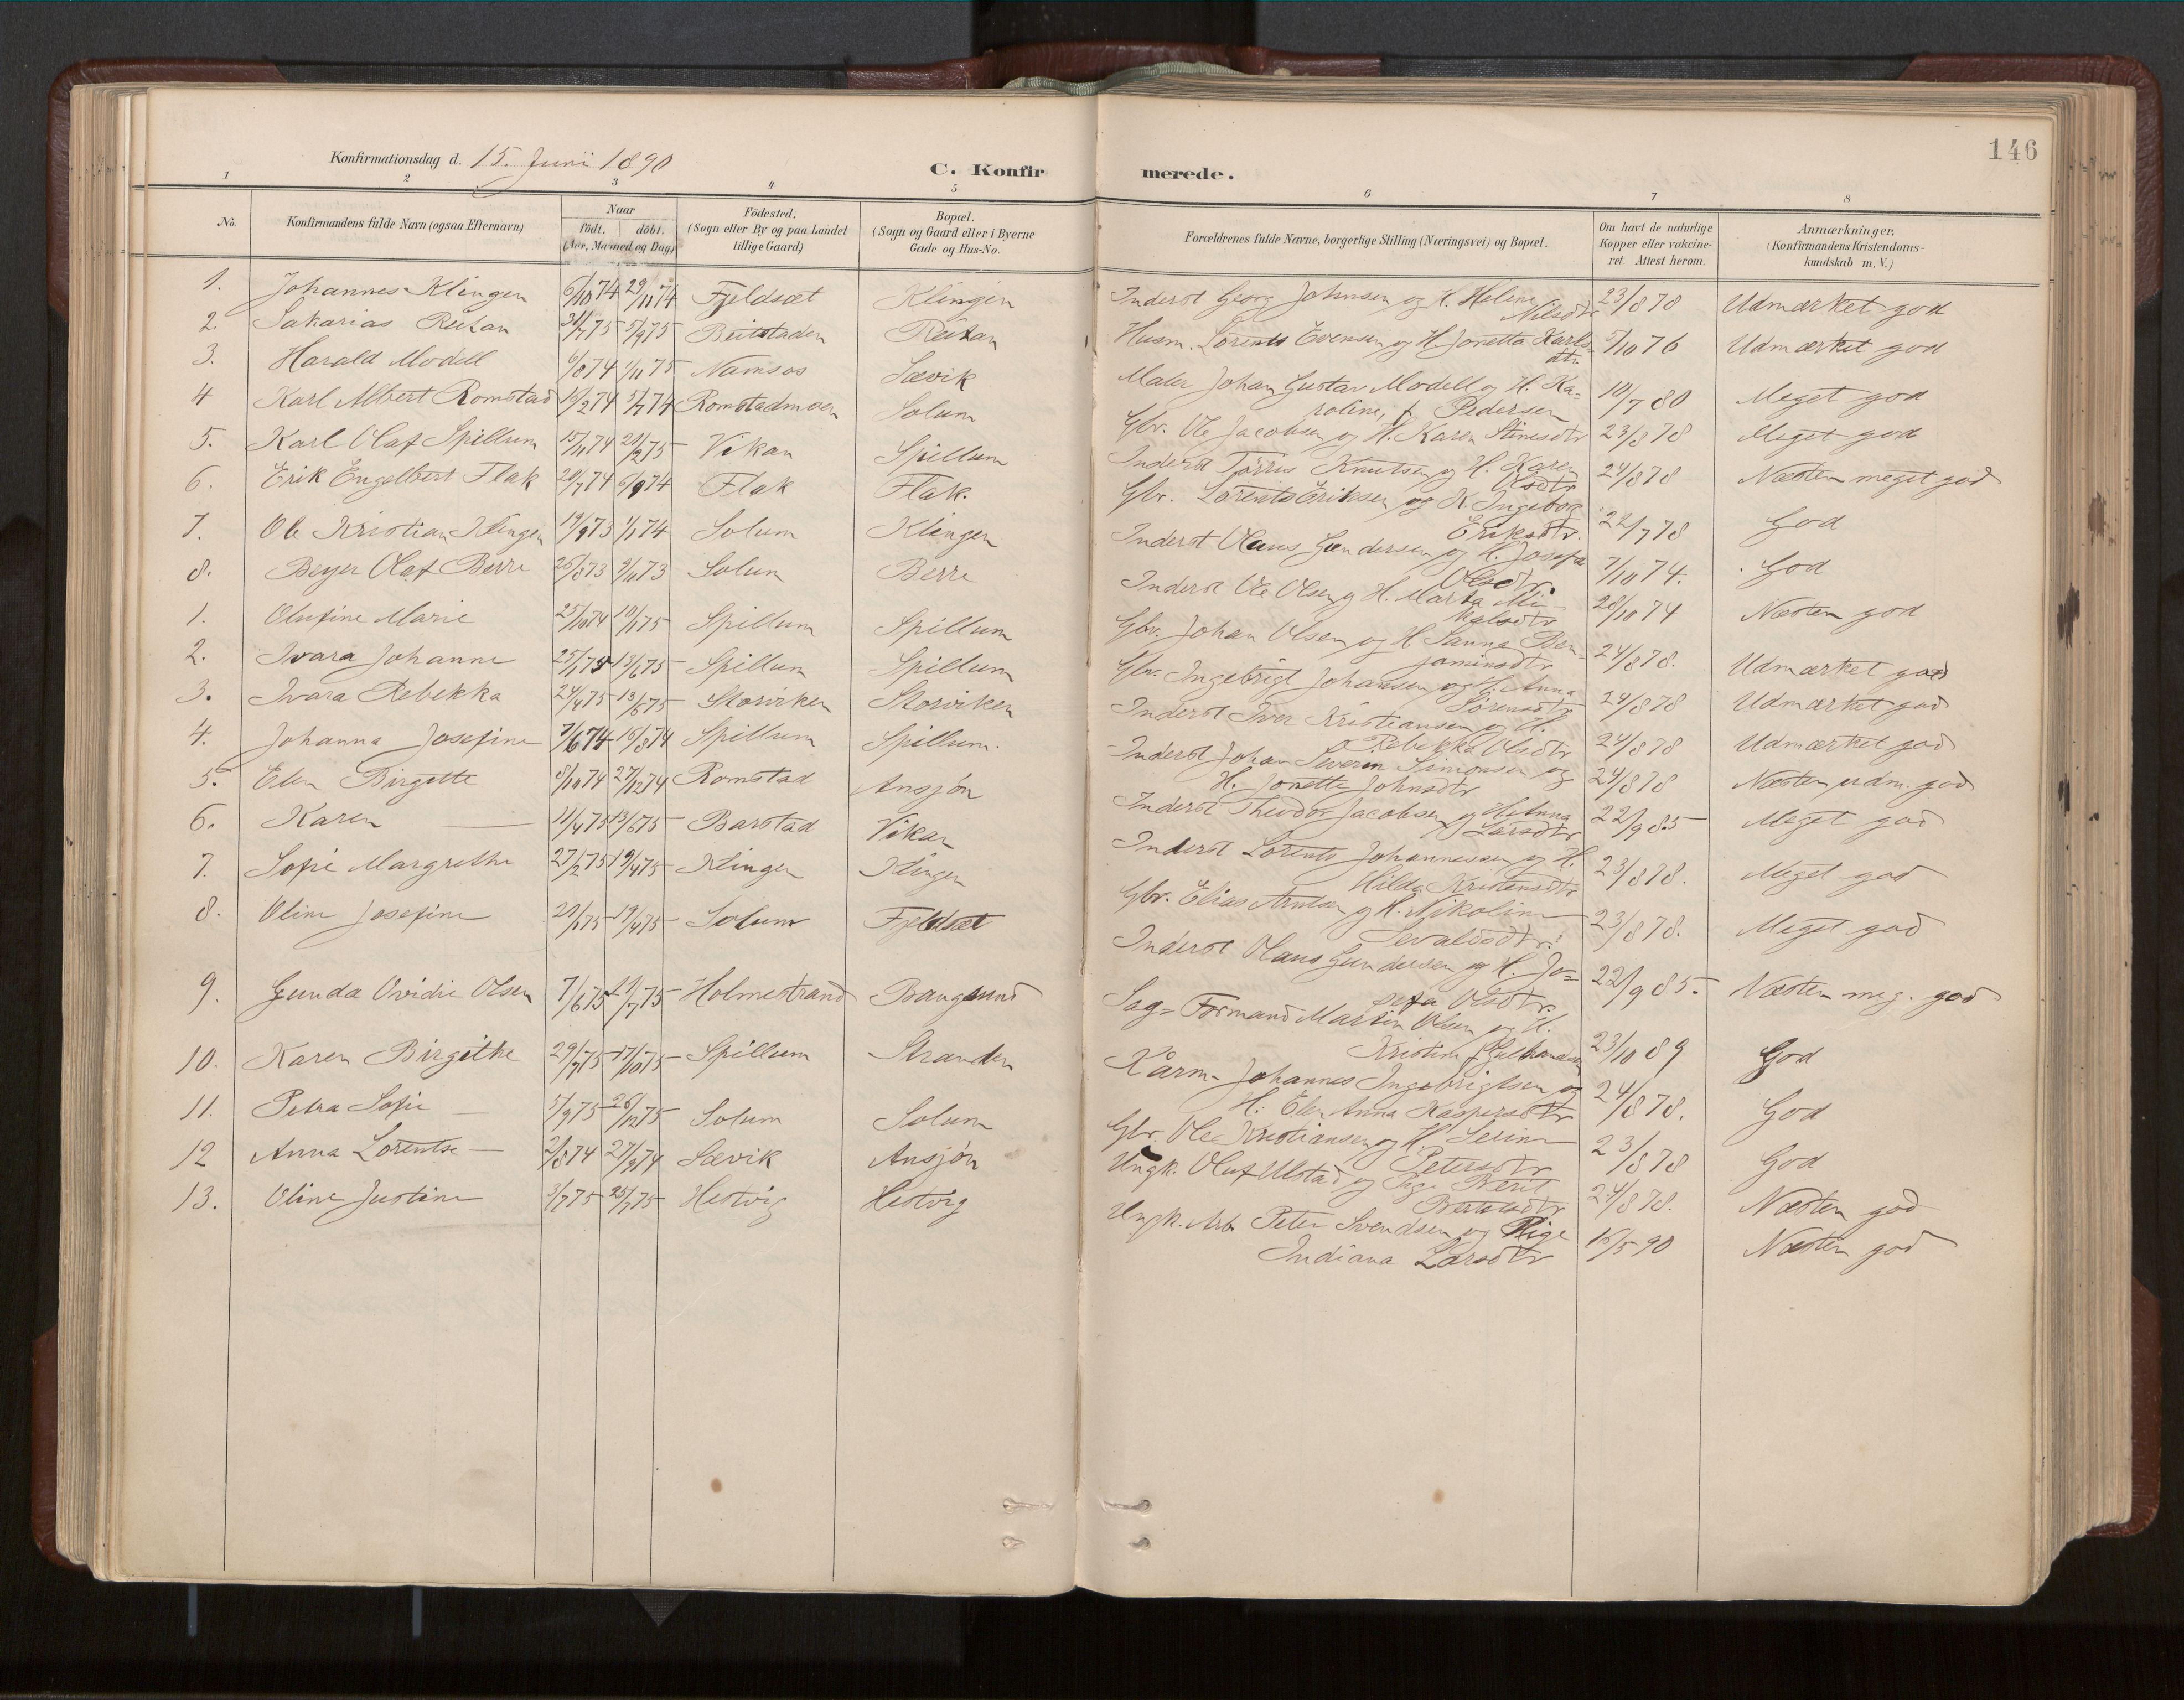 SAT, Ministerialprotokoller, klokkerbøker og fødselsregistre - Nord-Trøndelag, 770/L0589: Ministerialbok nr. 770A03, 1887-1929, s. 146